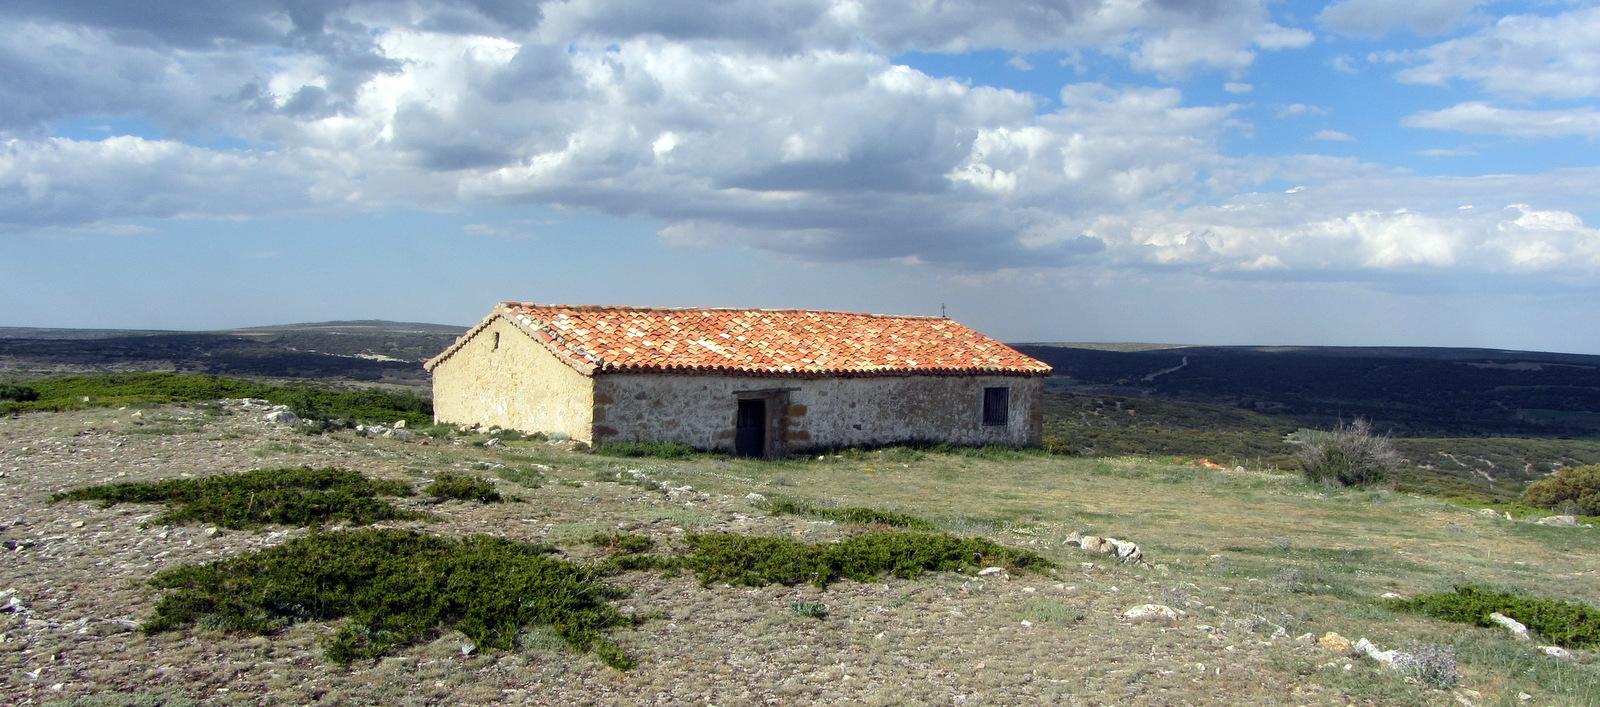 Foto de la Ermita de San Cristobal, Patrimonio cultural de Bronchales, Teruel